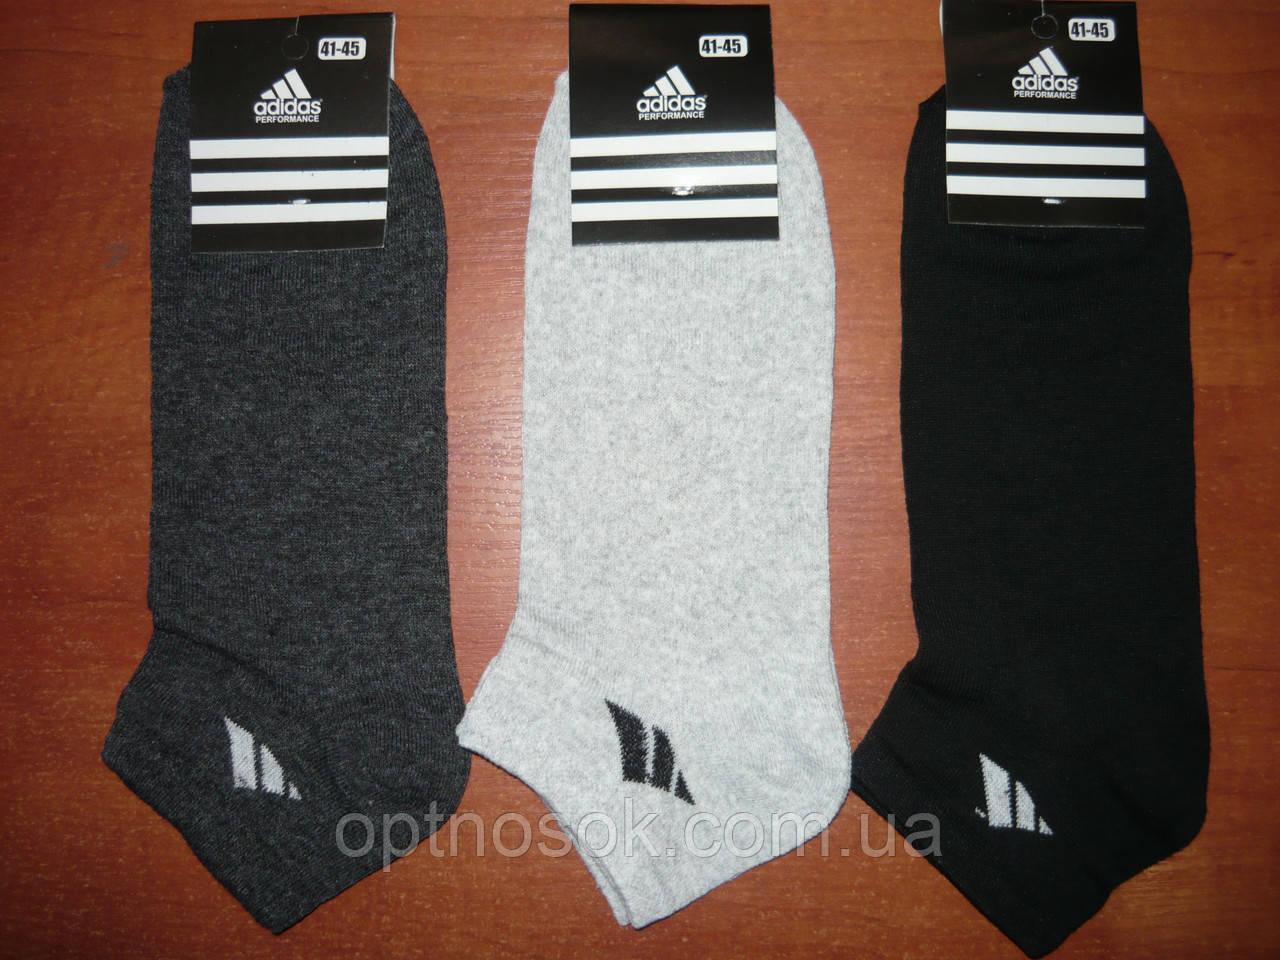 """Мужской носок """"в стиле"""" Adidas. Короткий. р. 41-45. Ассорти."""